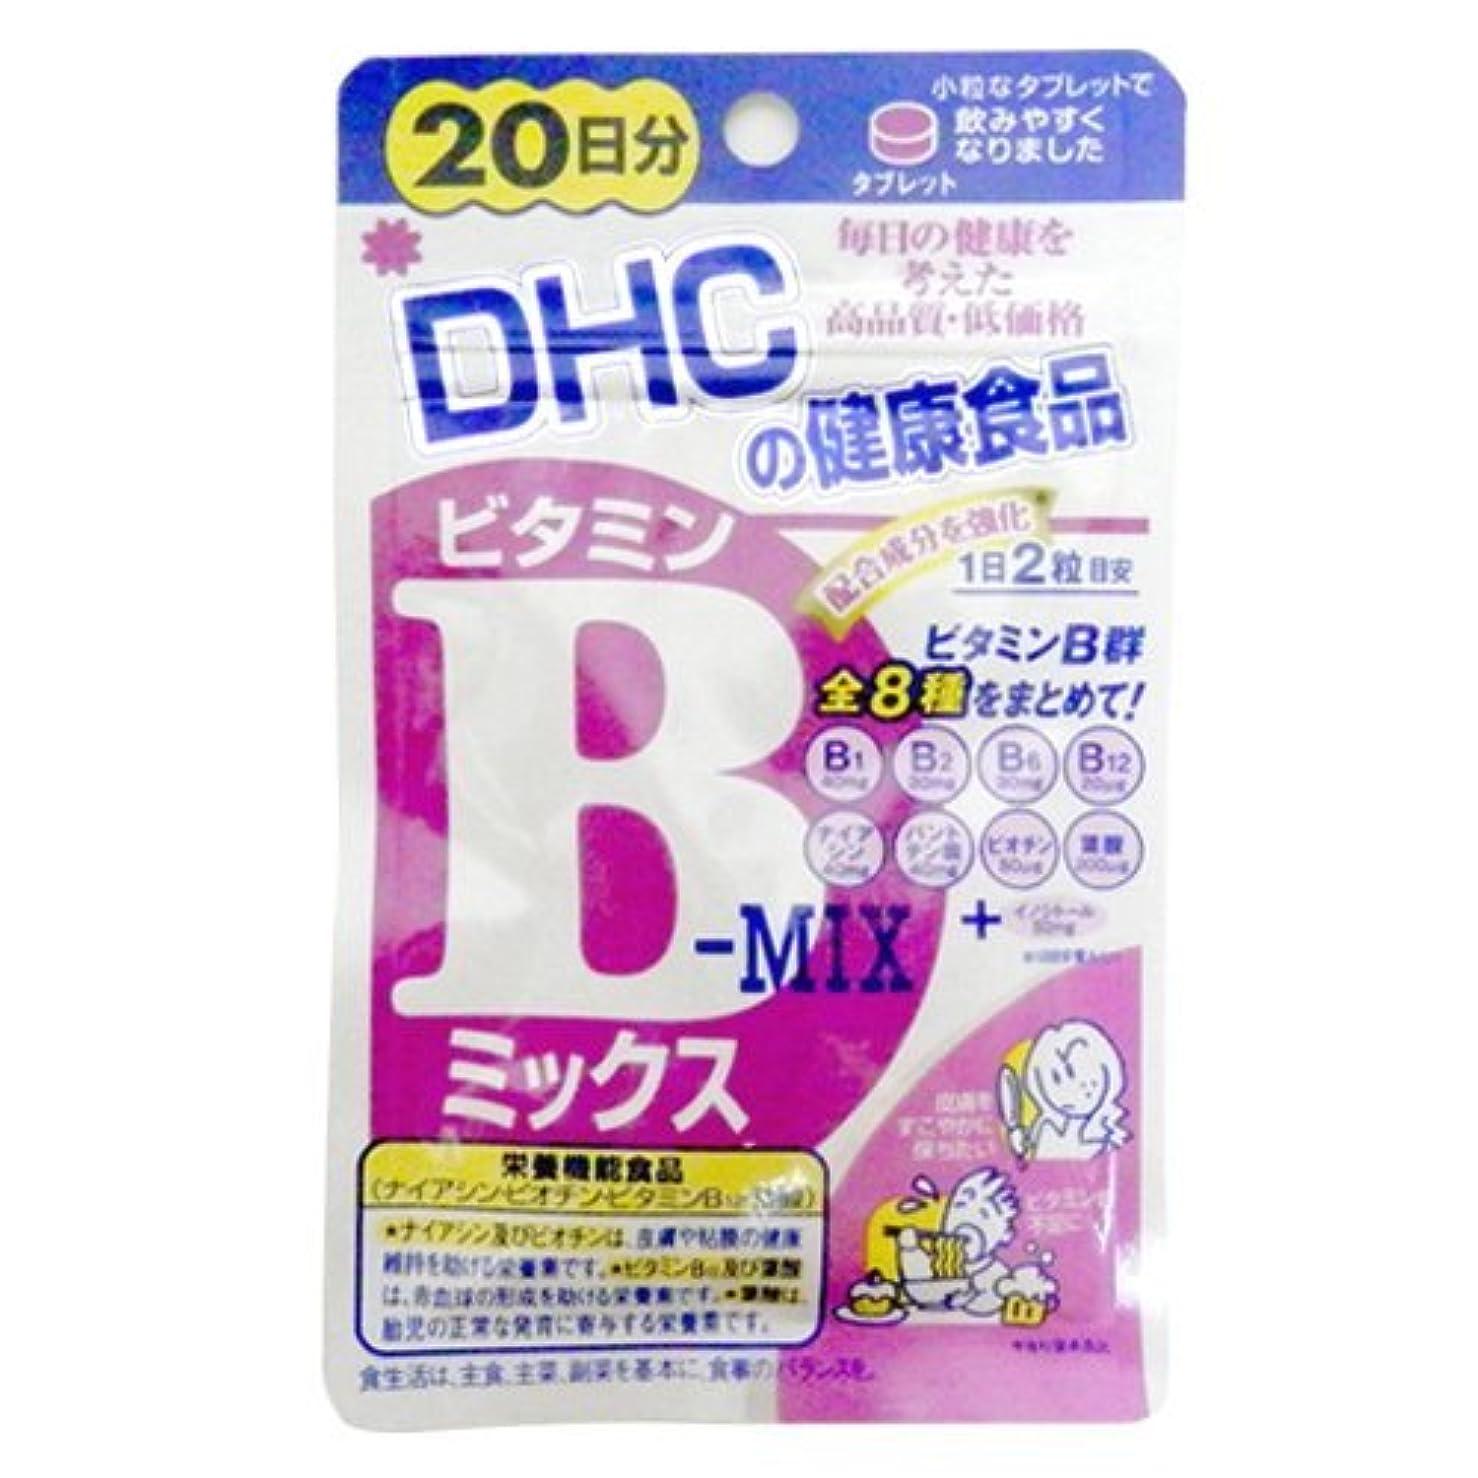 昼食巨大やさしいDHC ビタミンBミックス 20日分 40粒